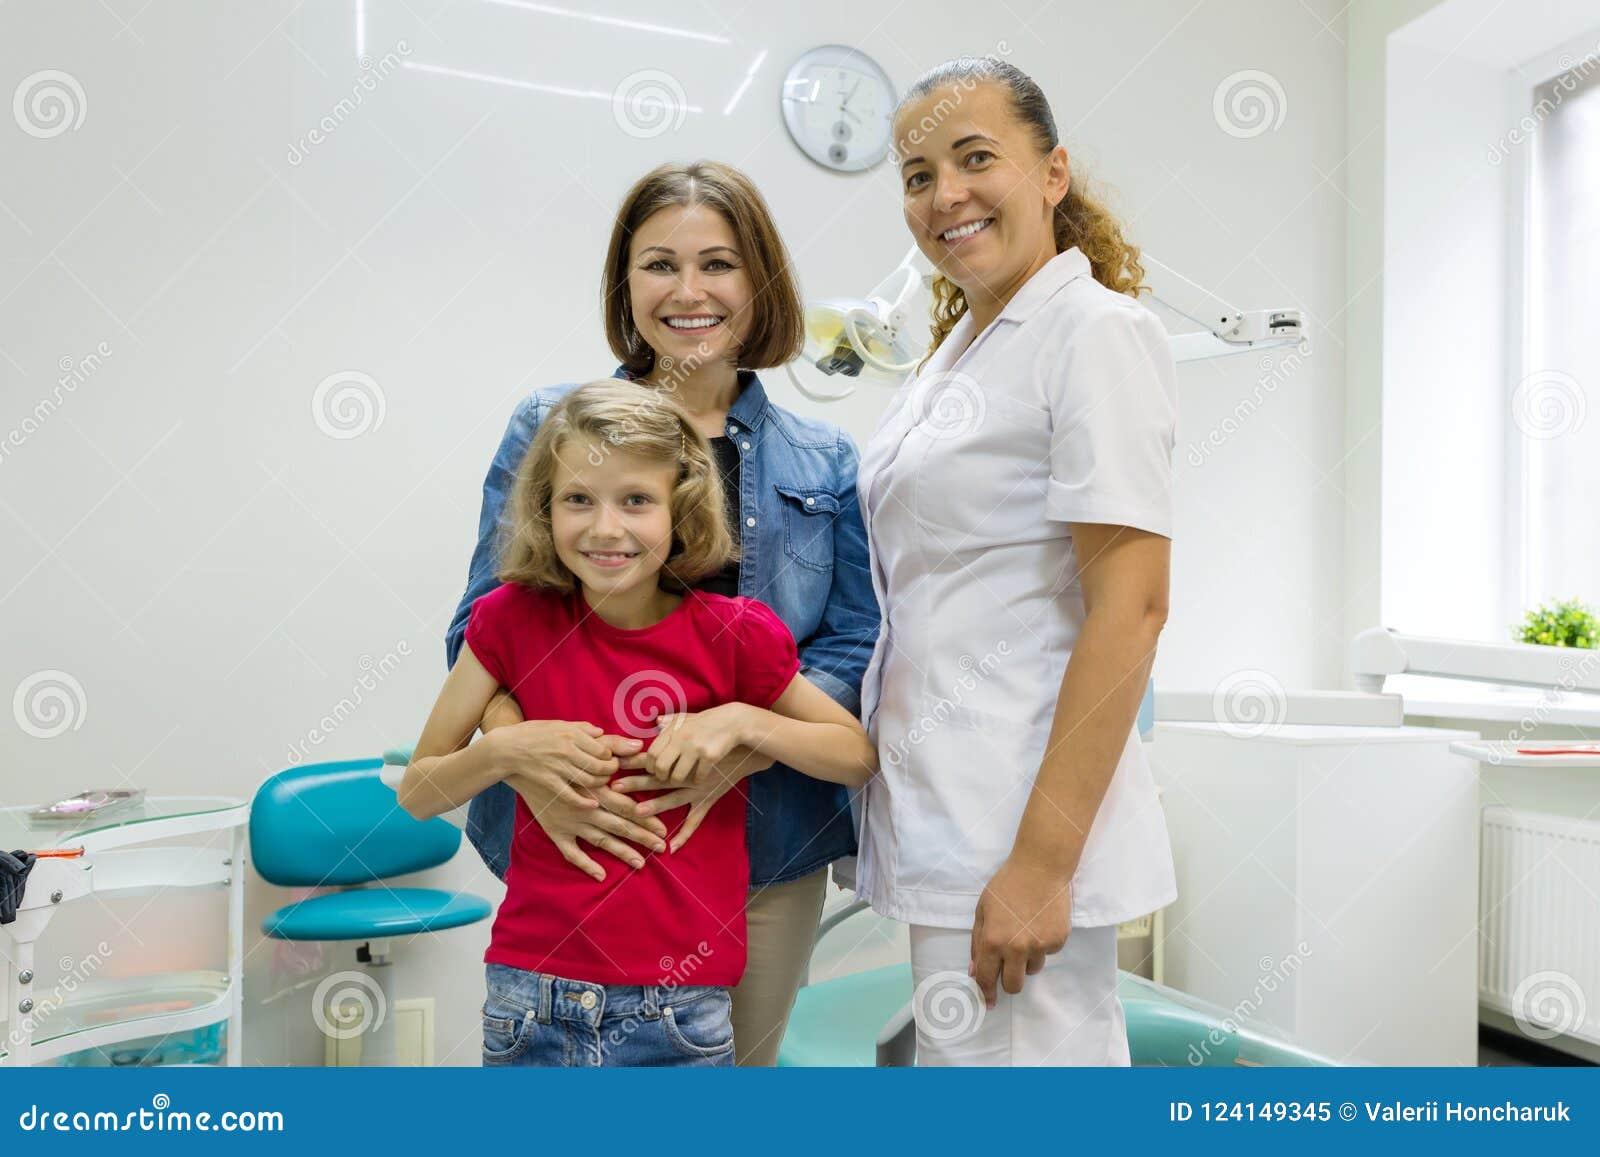 Retrato de uma mãe feliz com criança e dentista do doutor, no escritório dental